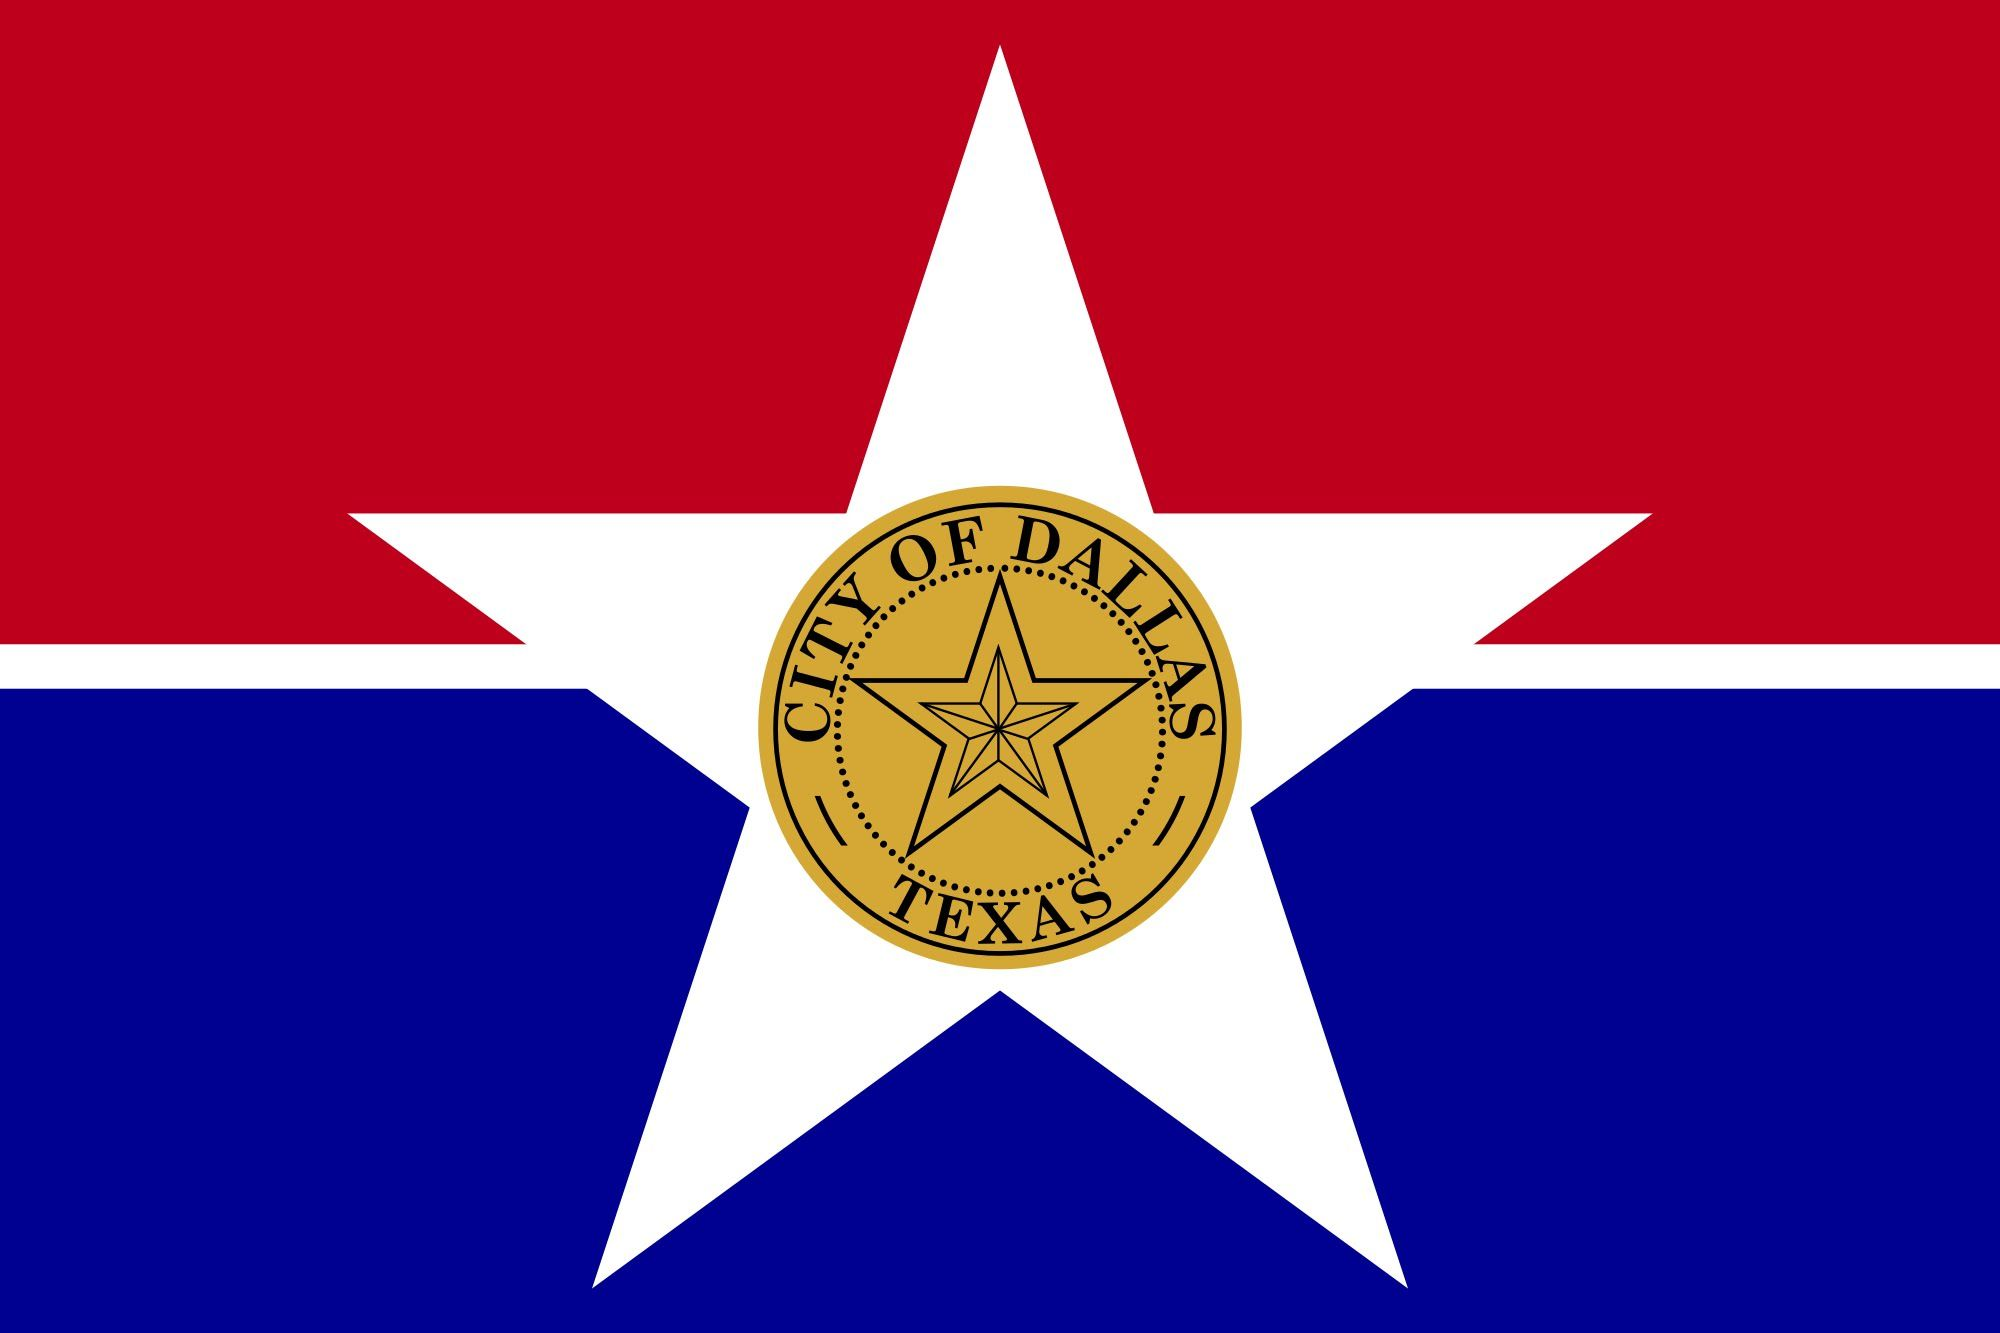 Dallas Time Zone Watch My YouTube Video Dallas Time Zone And Learn - Texas time zone